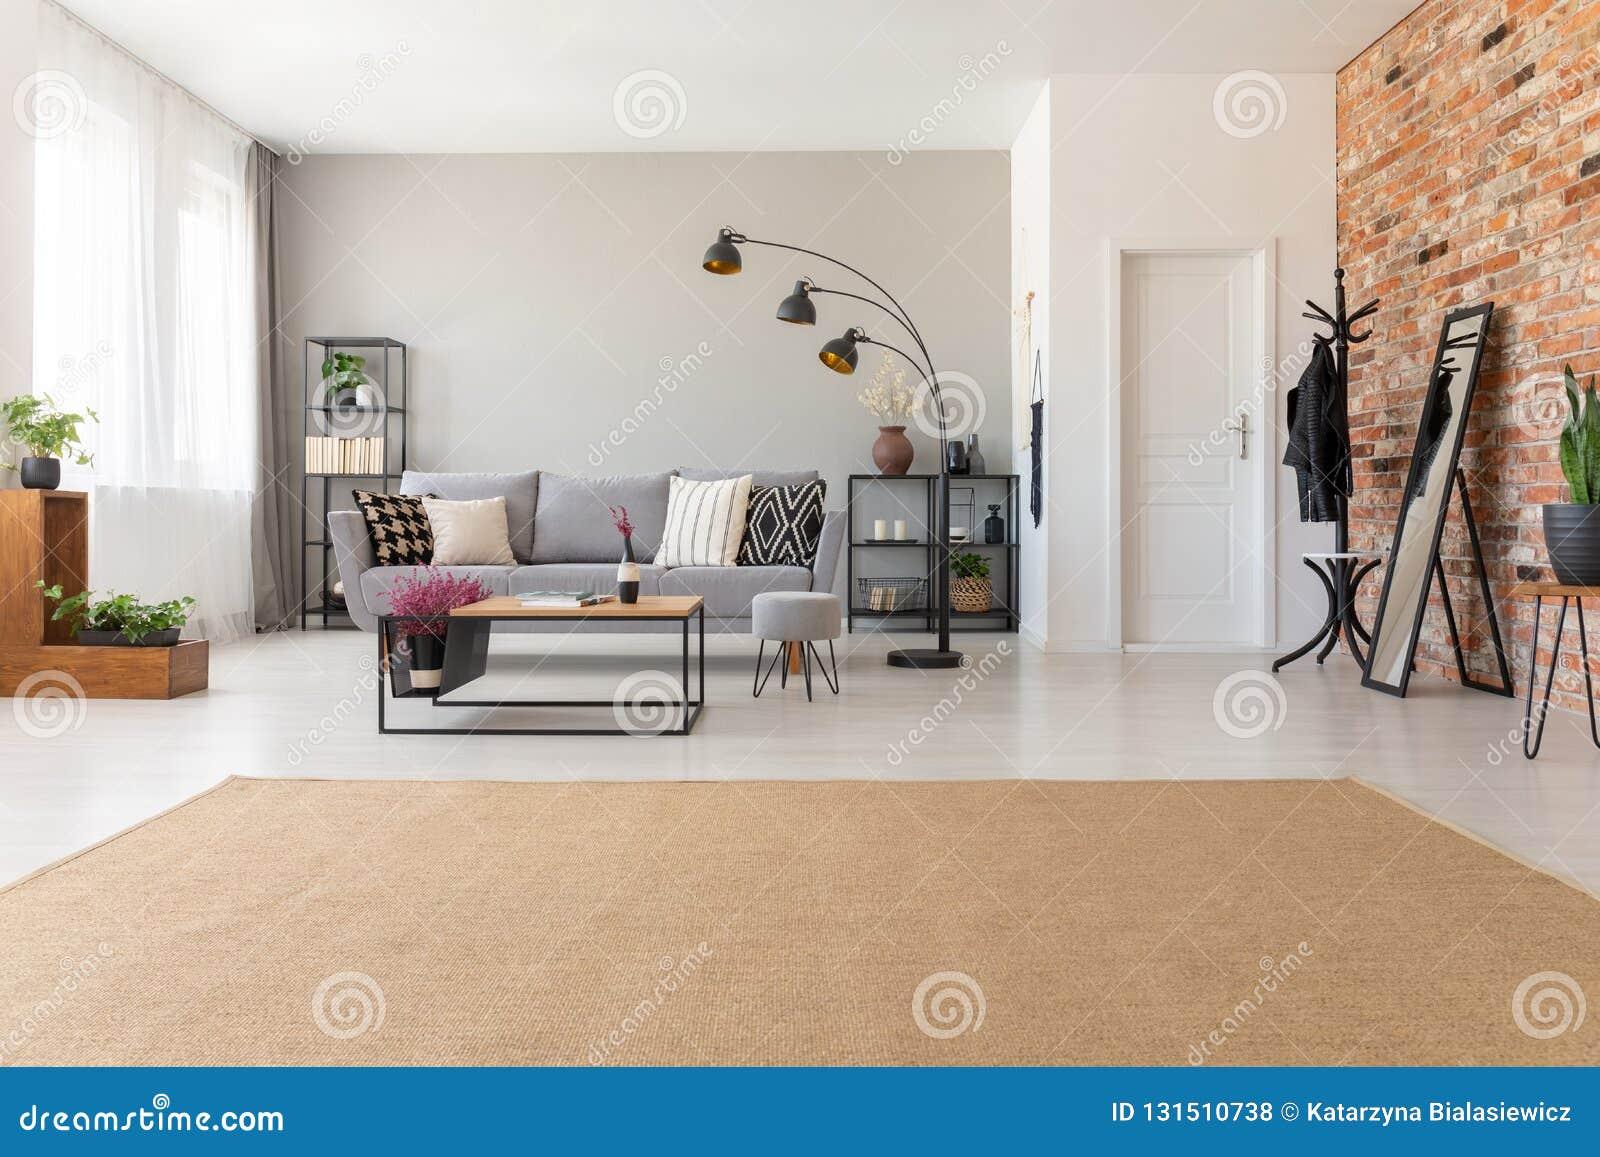 与工业家具和砖墙,与拷贝空间的真正的照片的现代客厅内部